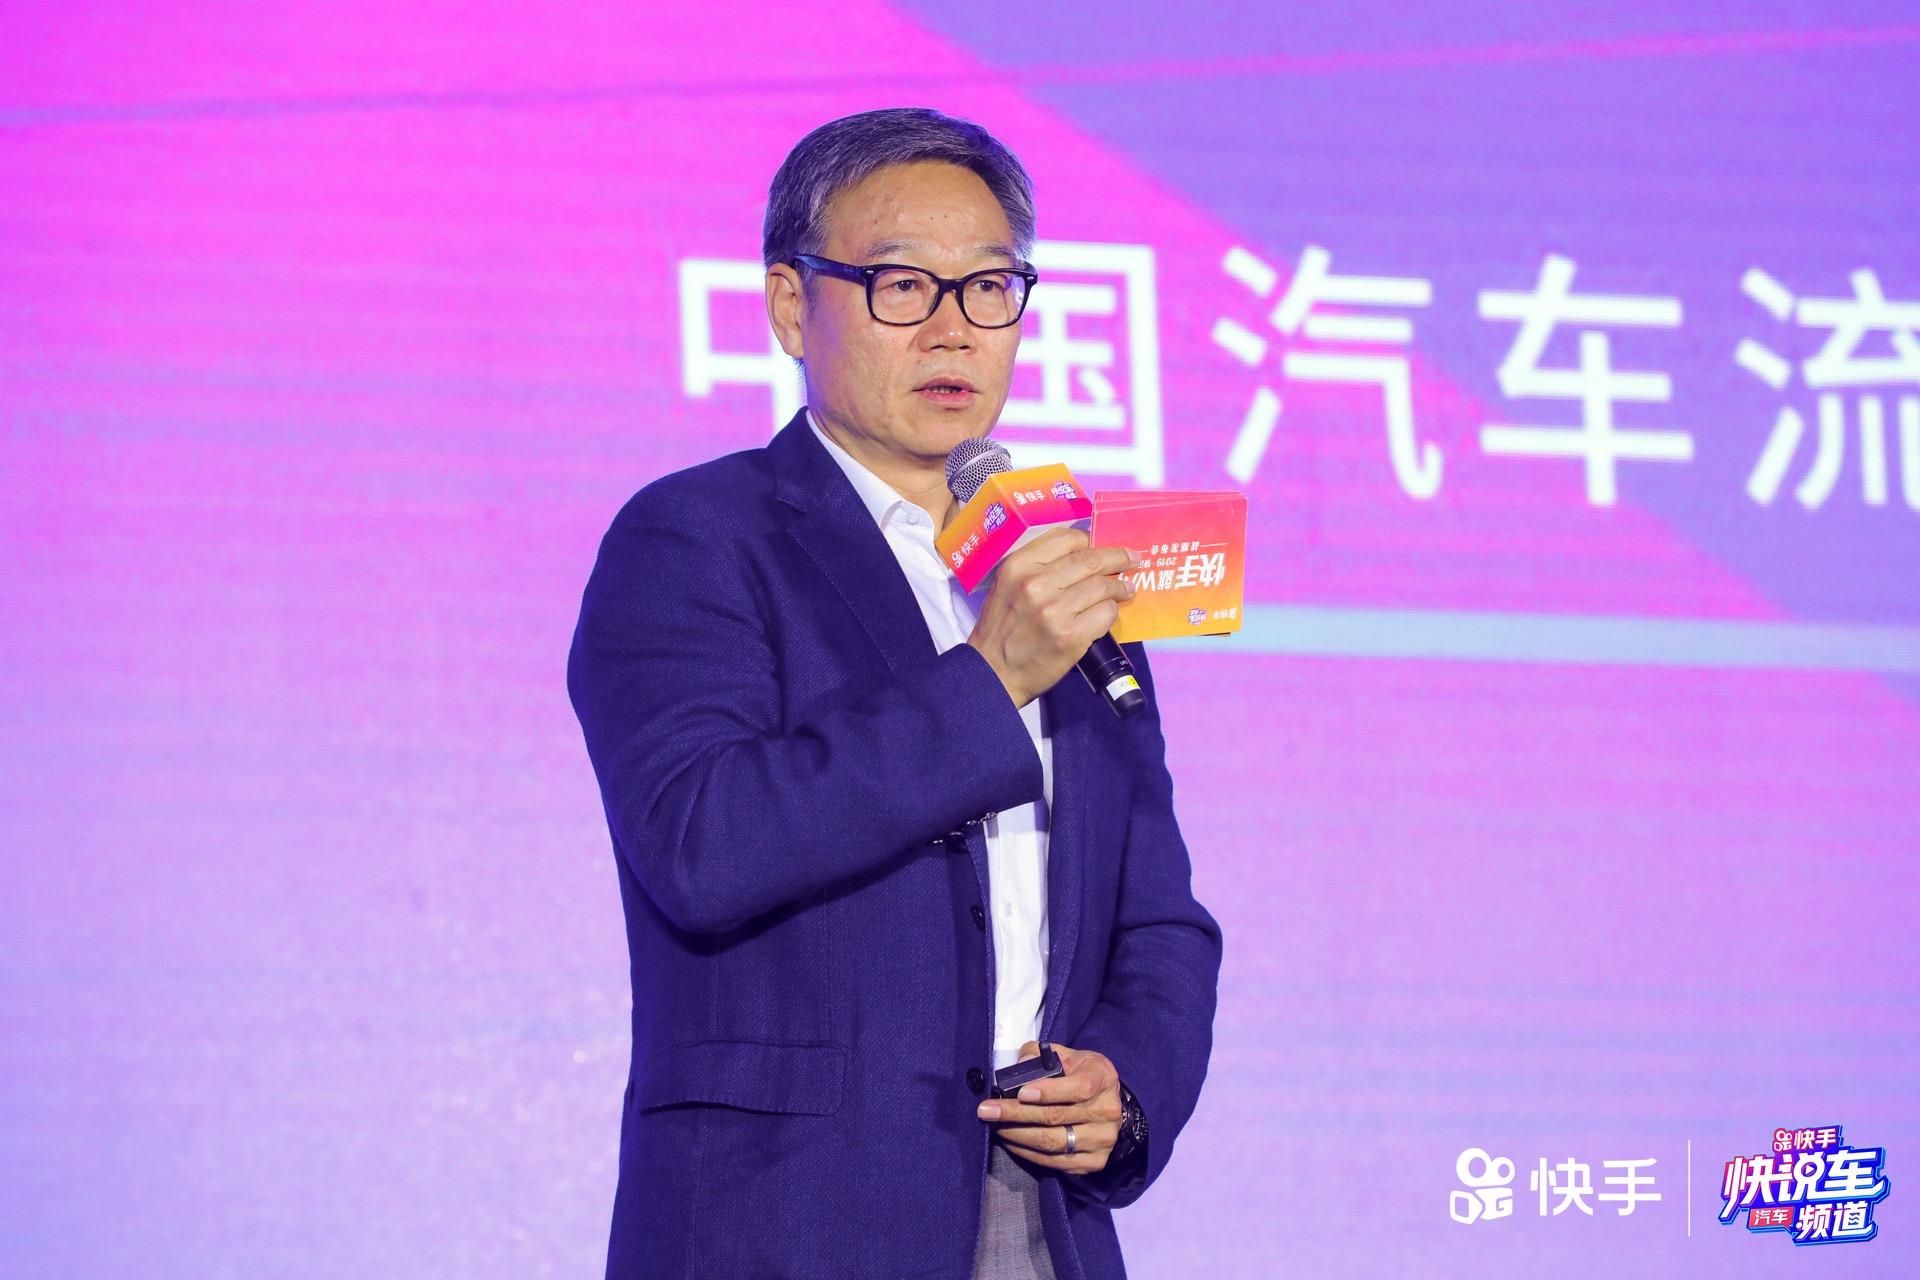 中国汽车流通协会罗磊:短视频将成为汽车营销中最具价值的一环